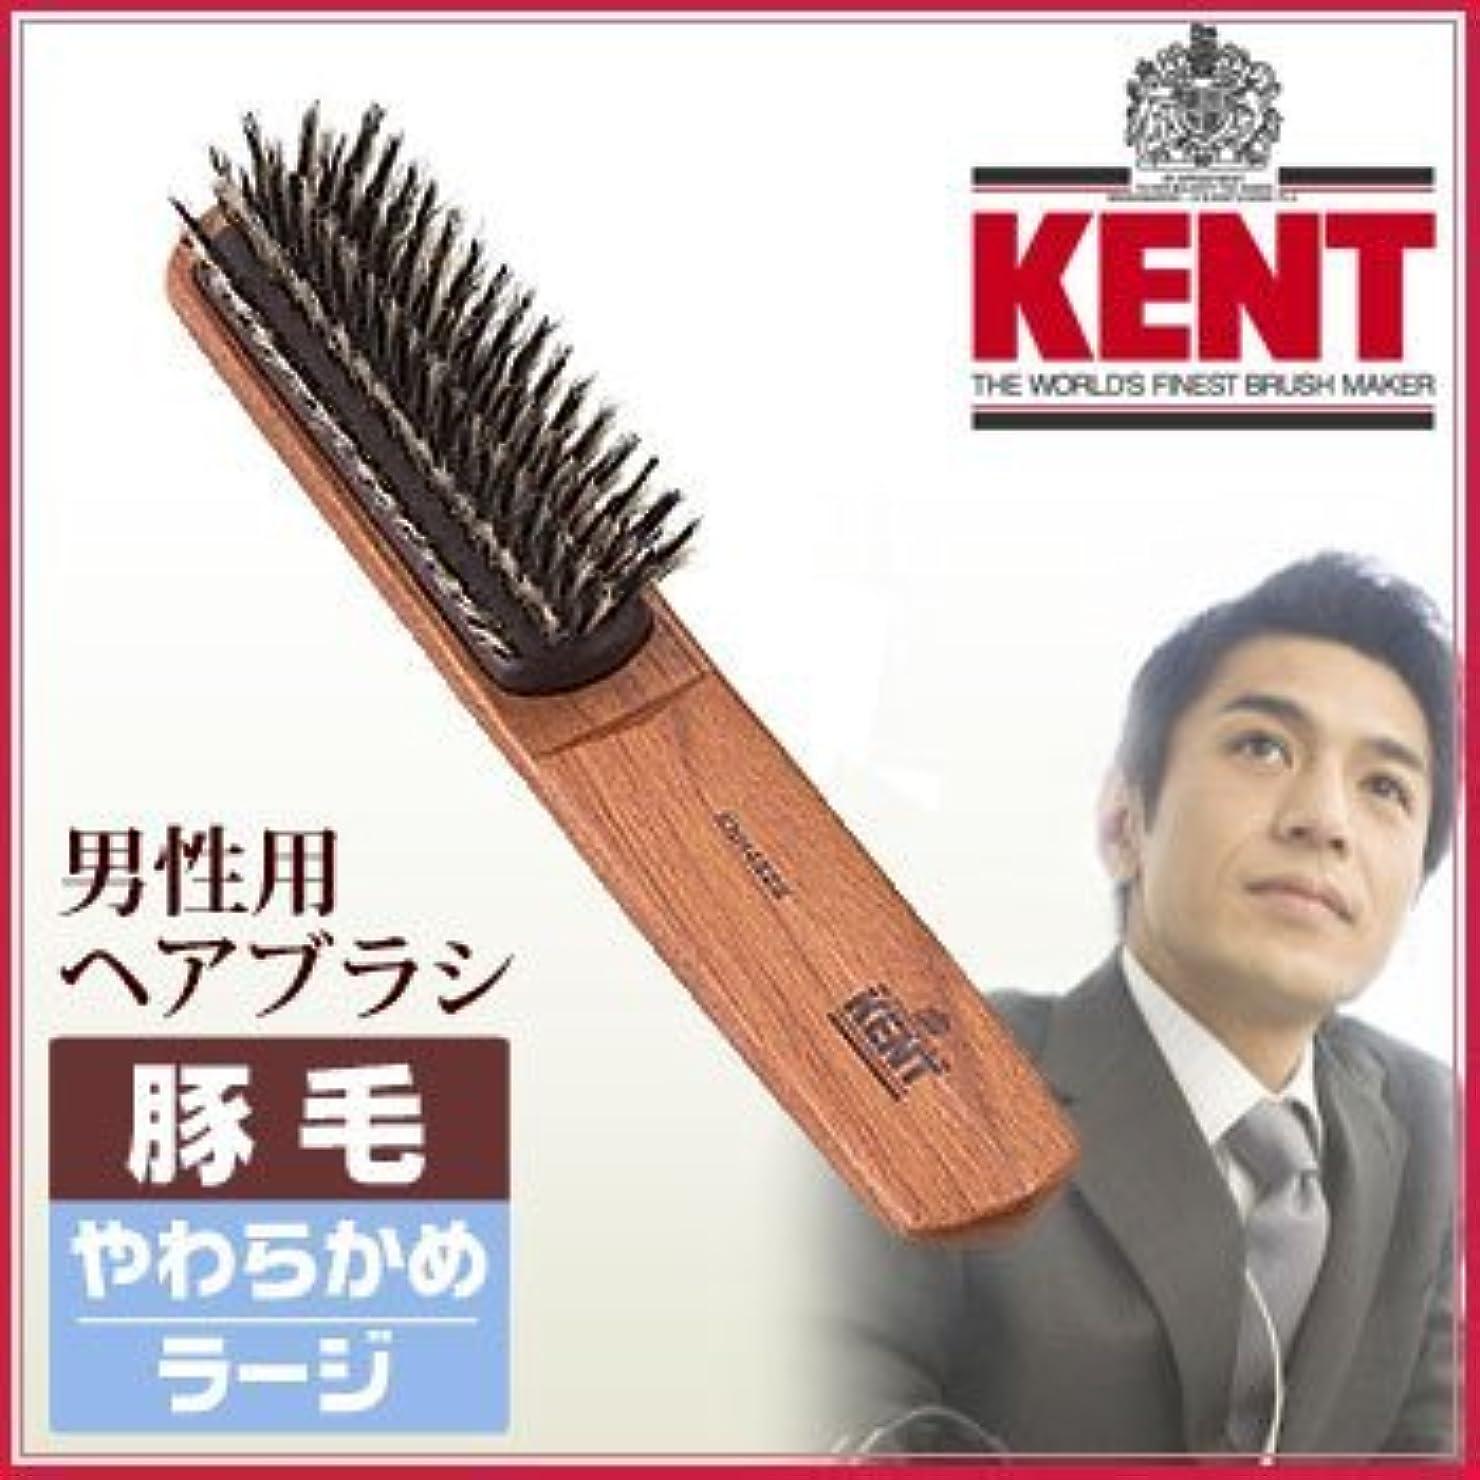 エンドテーブルマエストロ傑出したKENT メンズ トリプレックスブラシ[ラージサイズ/豚毛やわらかめ]KNH-4628ケント